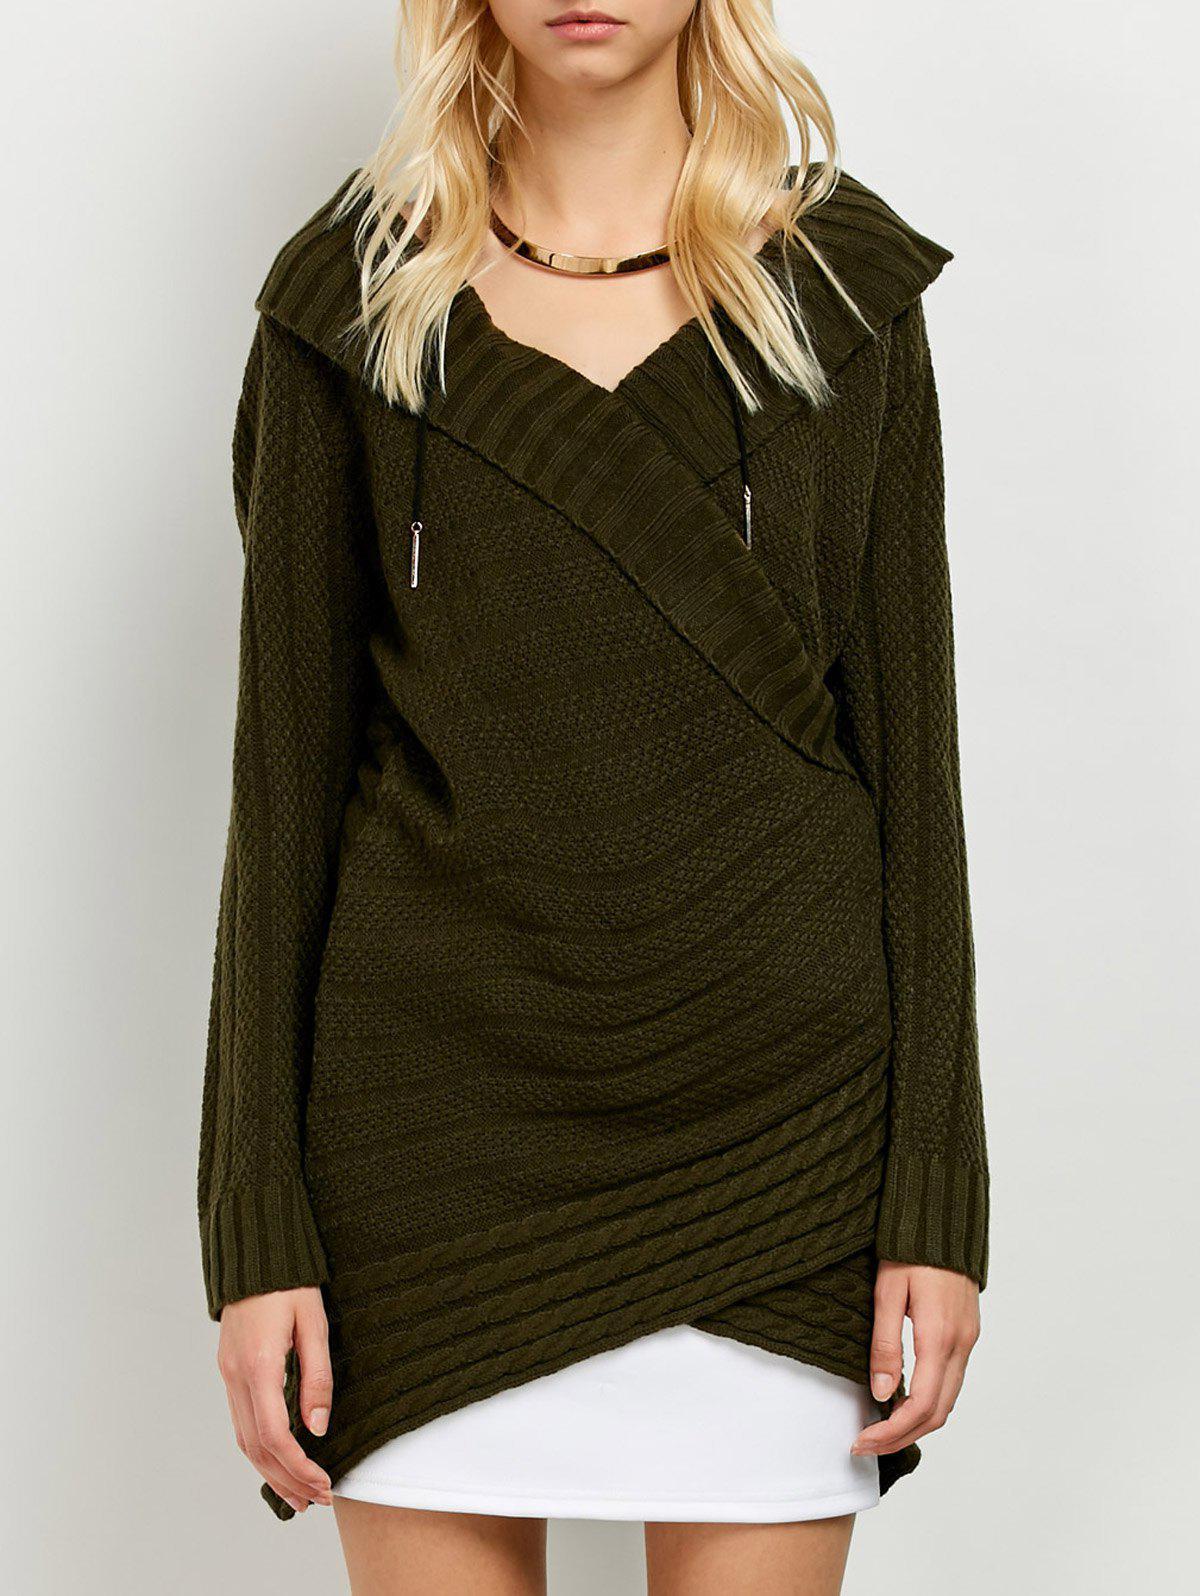 Longline Surplice Sweater, Army green